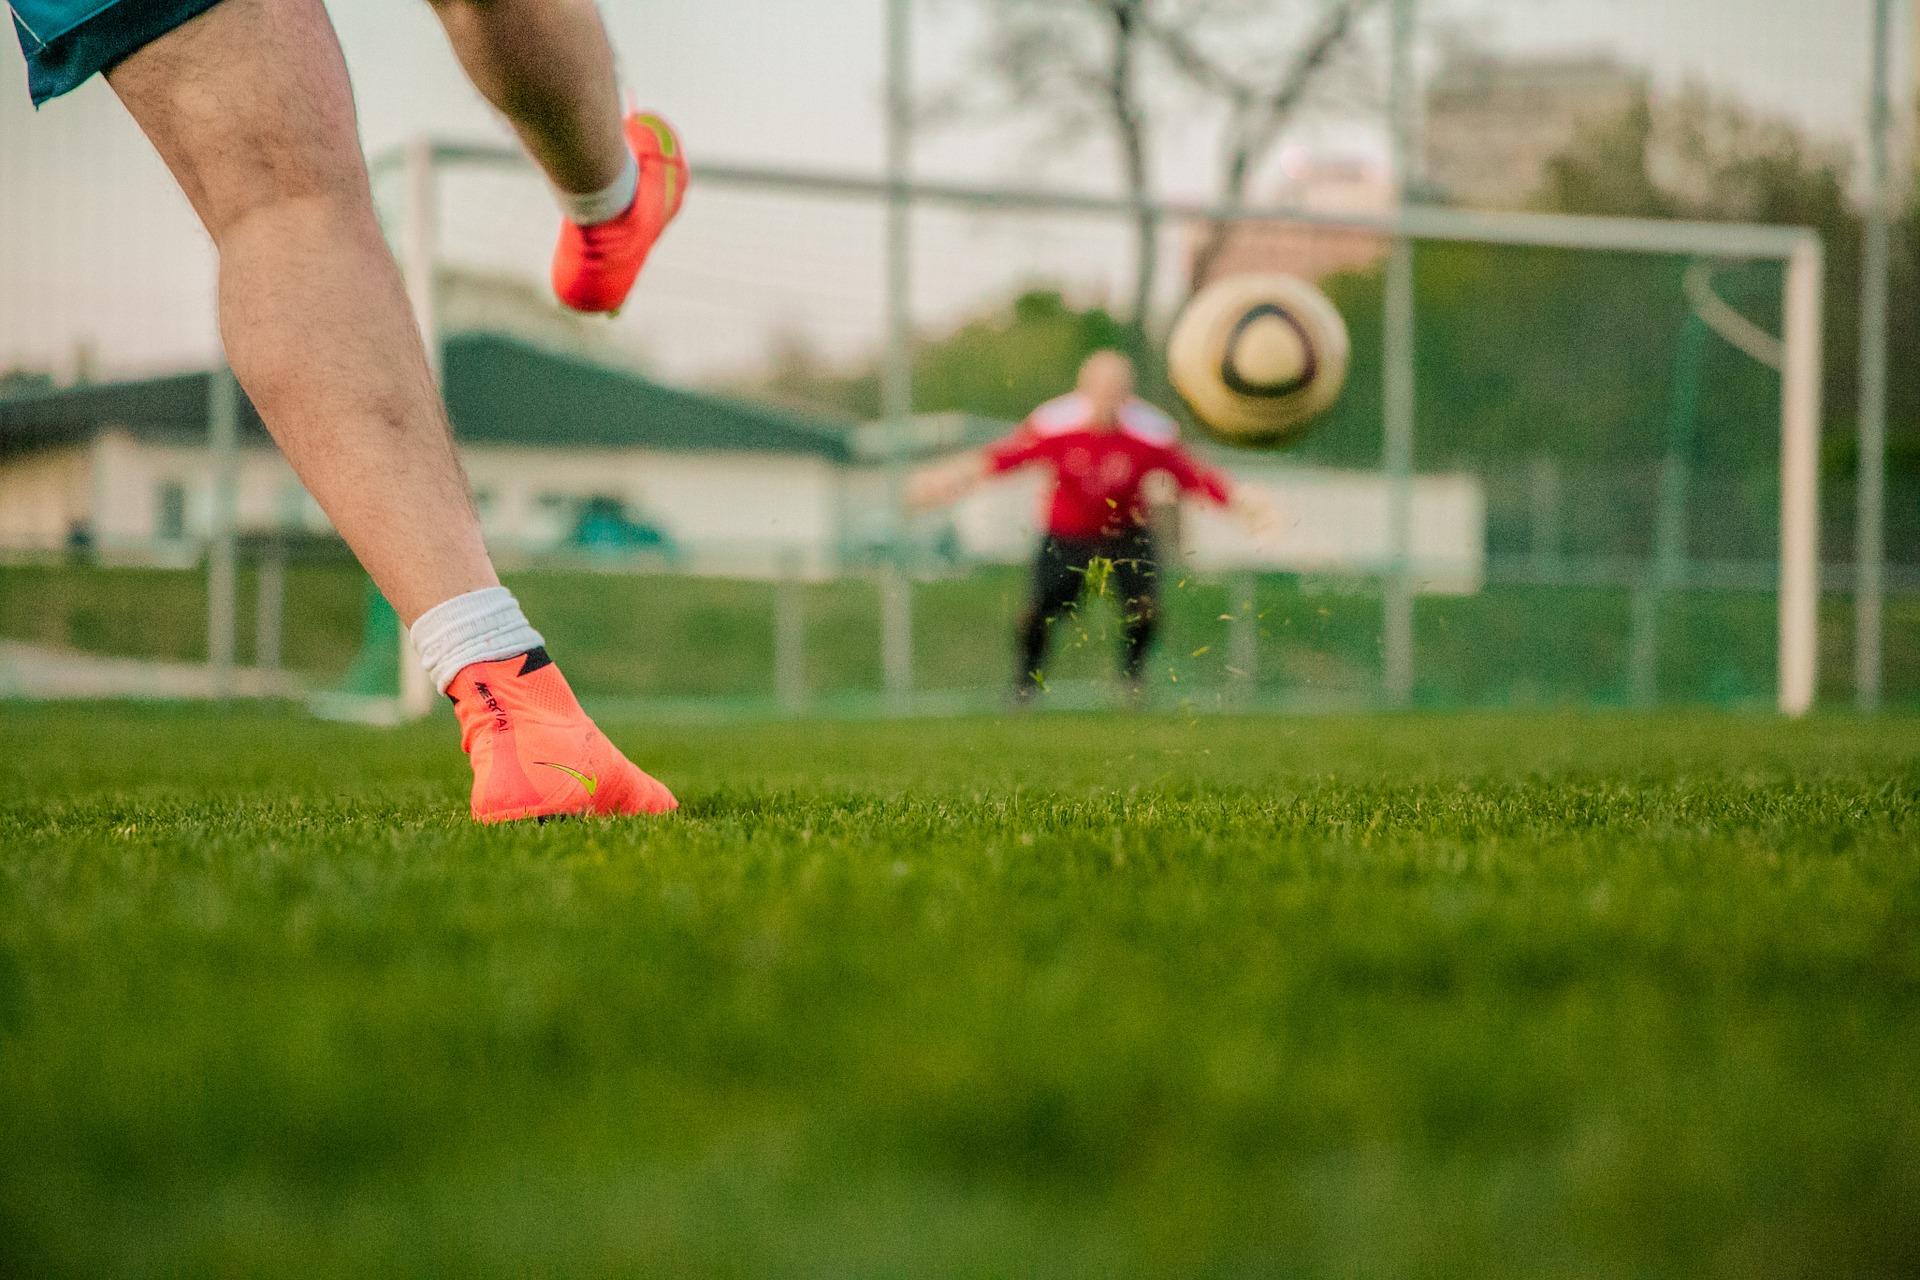 esquemas táticos futebol chute bola gol